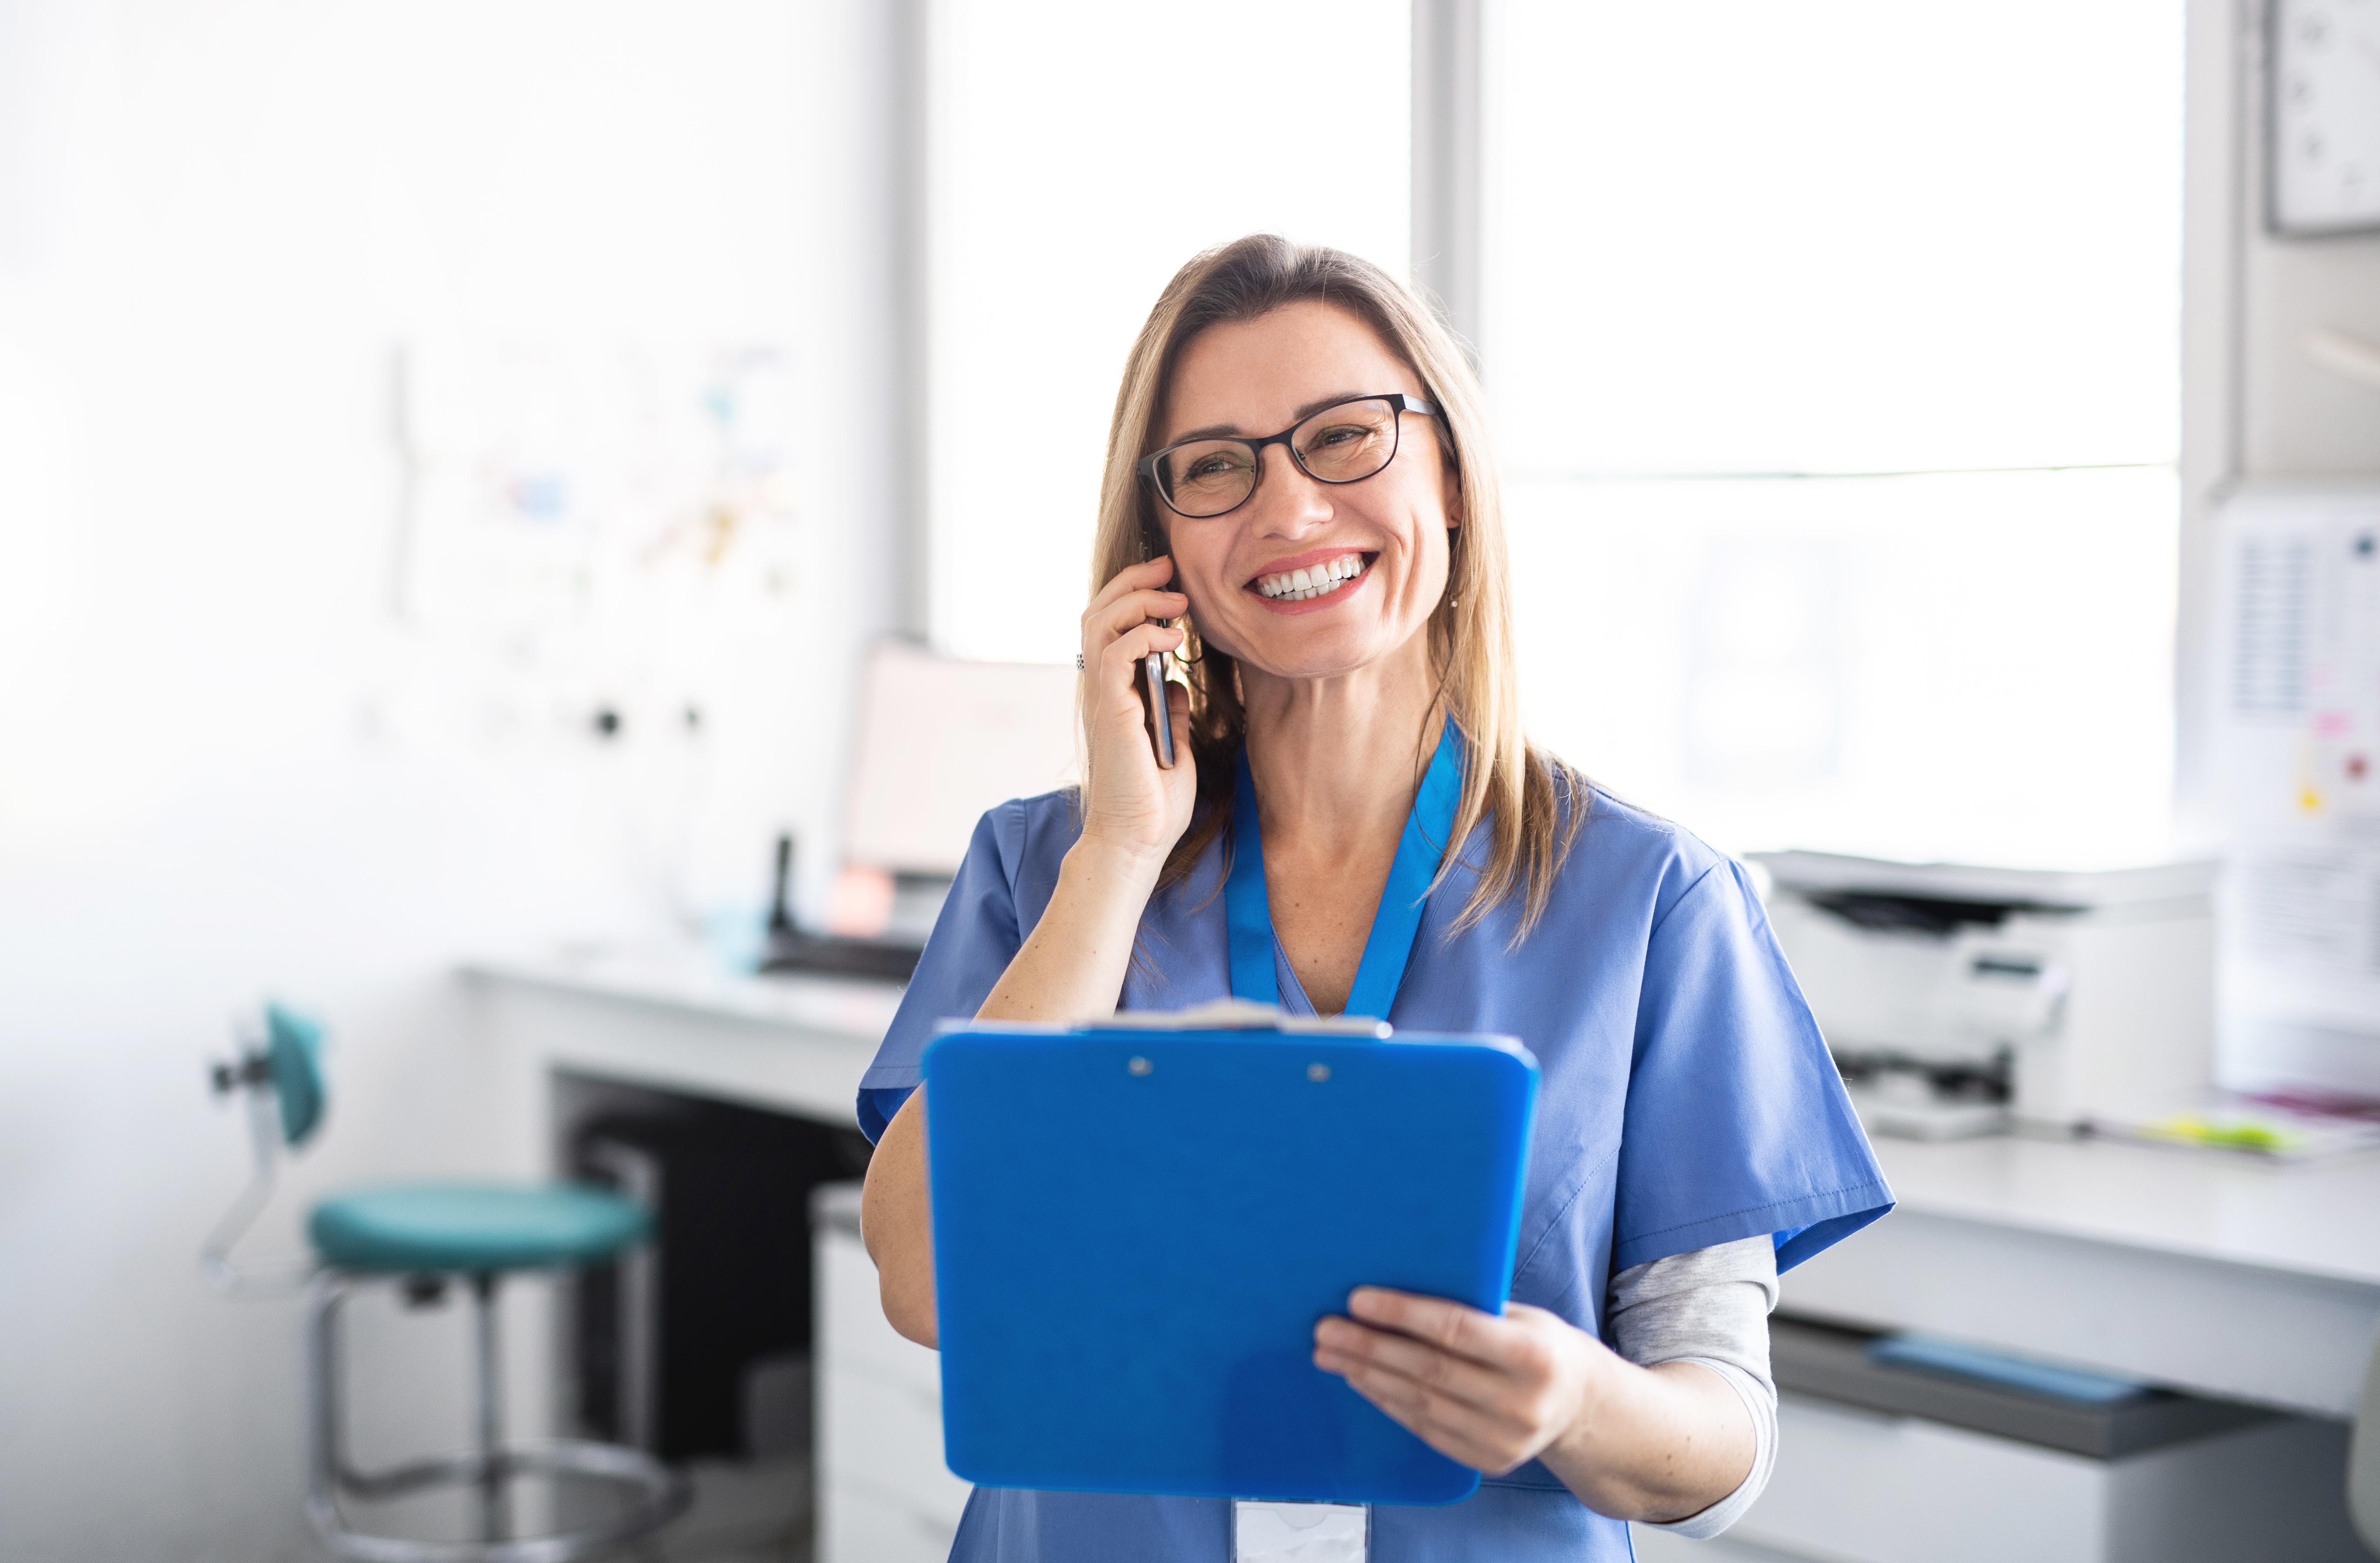 Como aumentar os agendamentos da sua clínica?